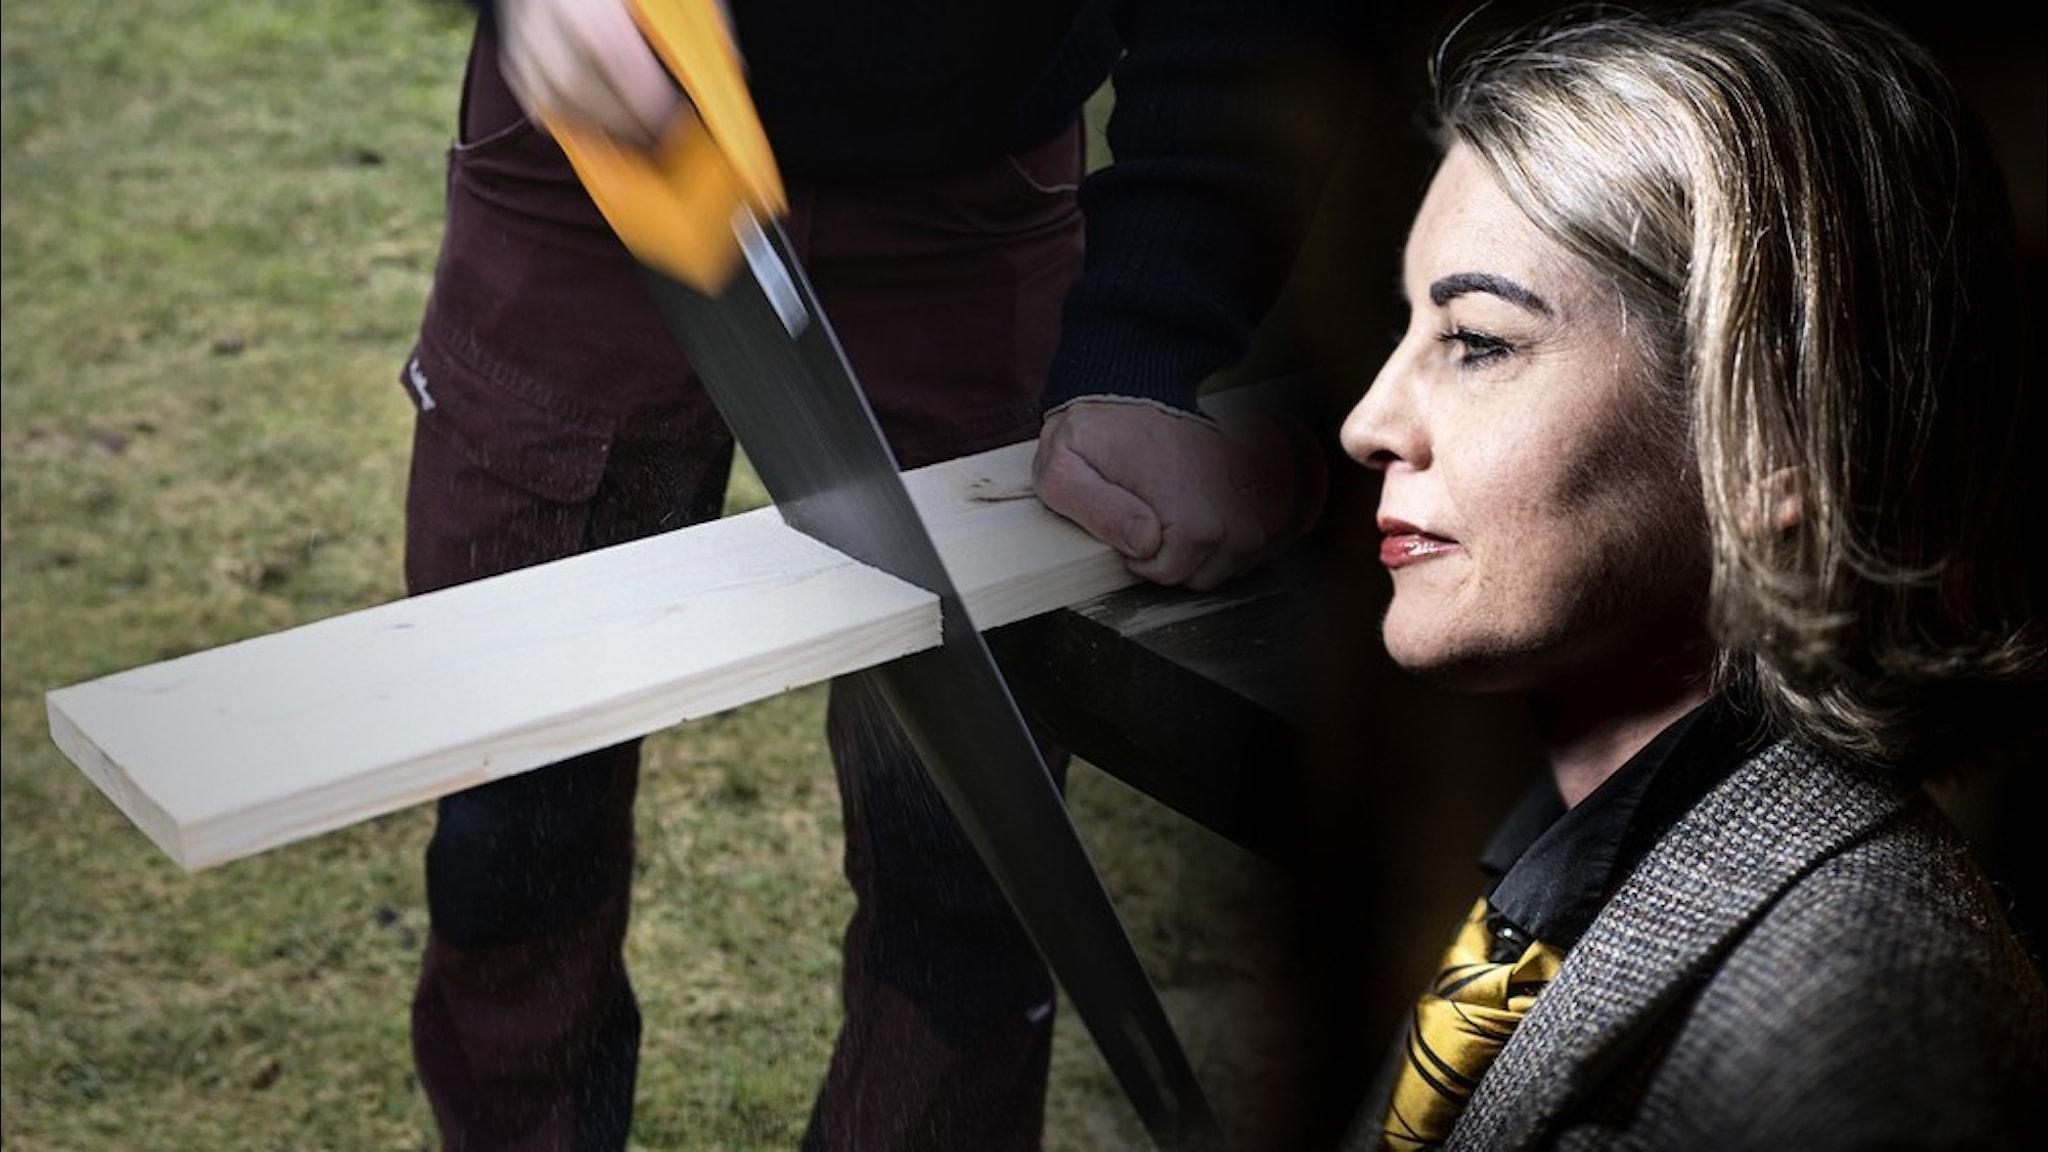 En man som sågar en planka ihopsmällt med en bild i profil av journalisten Linda Skugge.